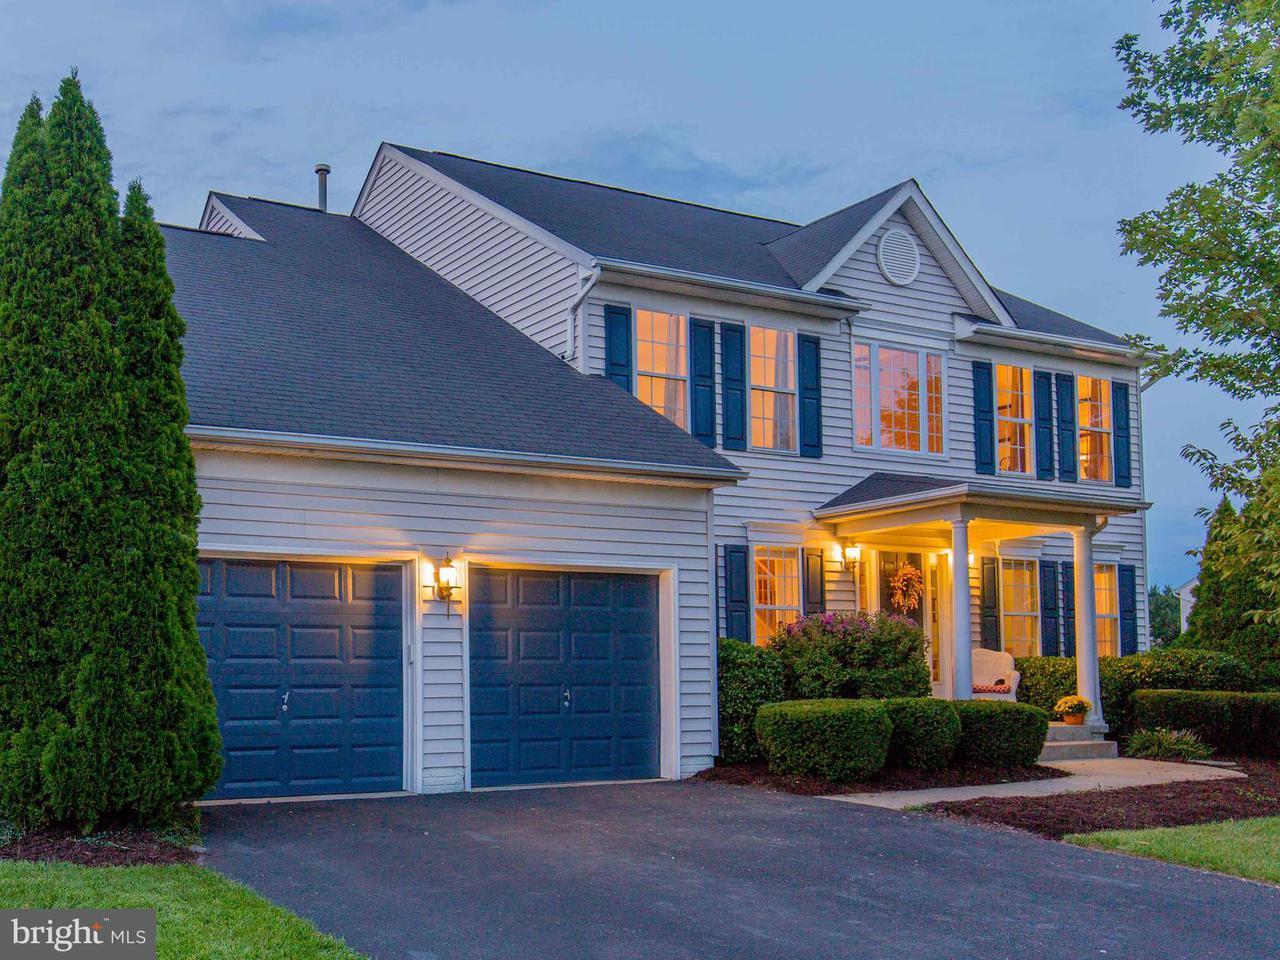 一戸建て のために 売買 アット 5930 NORWOOD PL W 5930 NORWOOD PL W Adamstown, メリーランド 21710 アメリカ合衆国